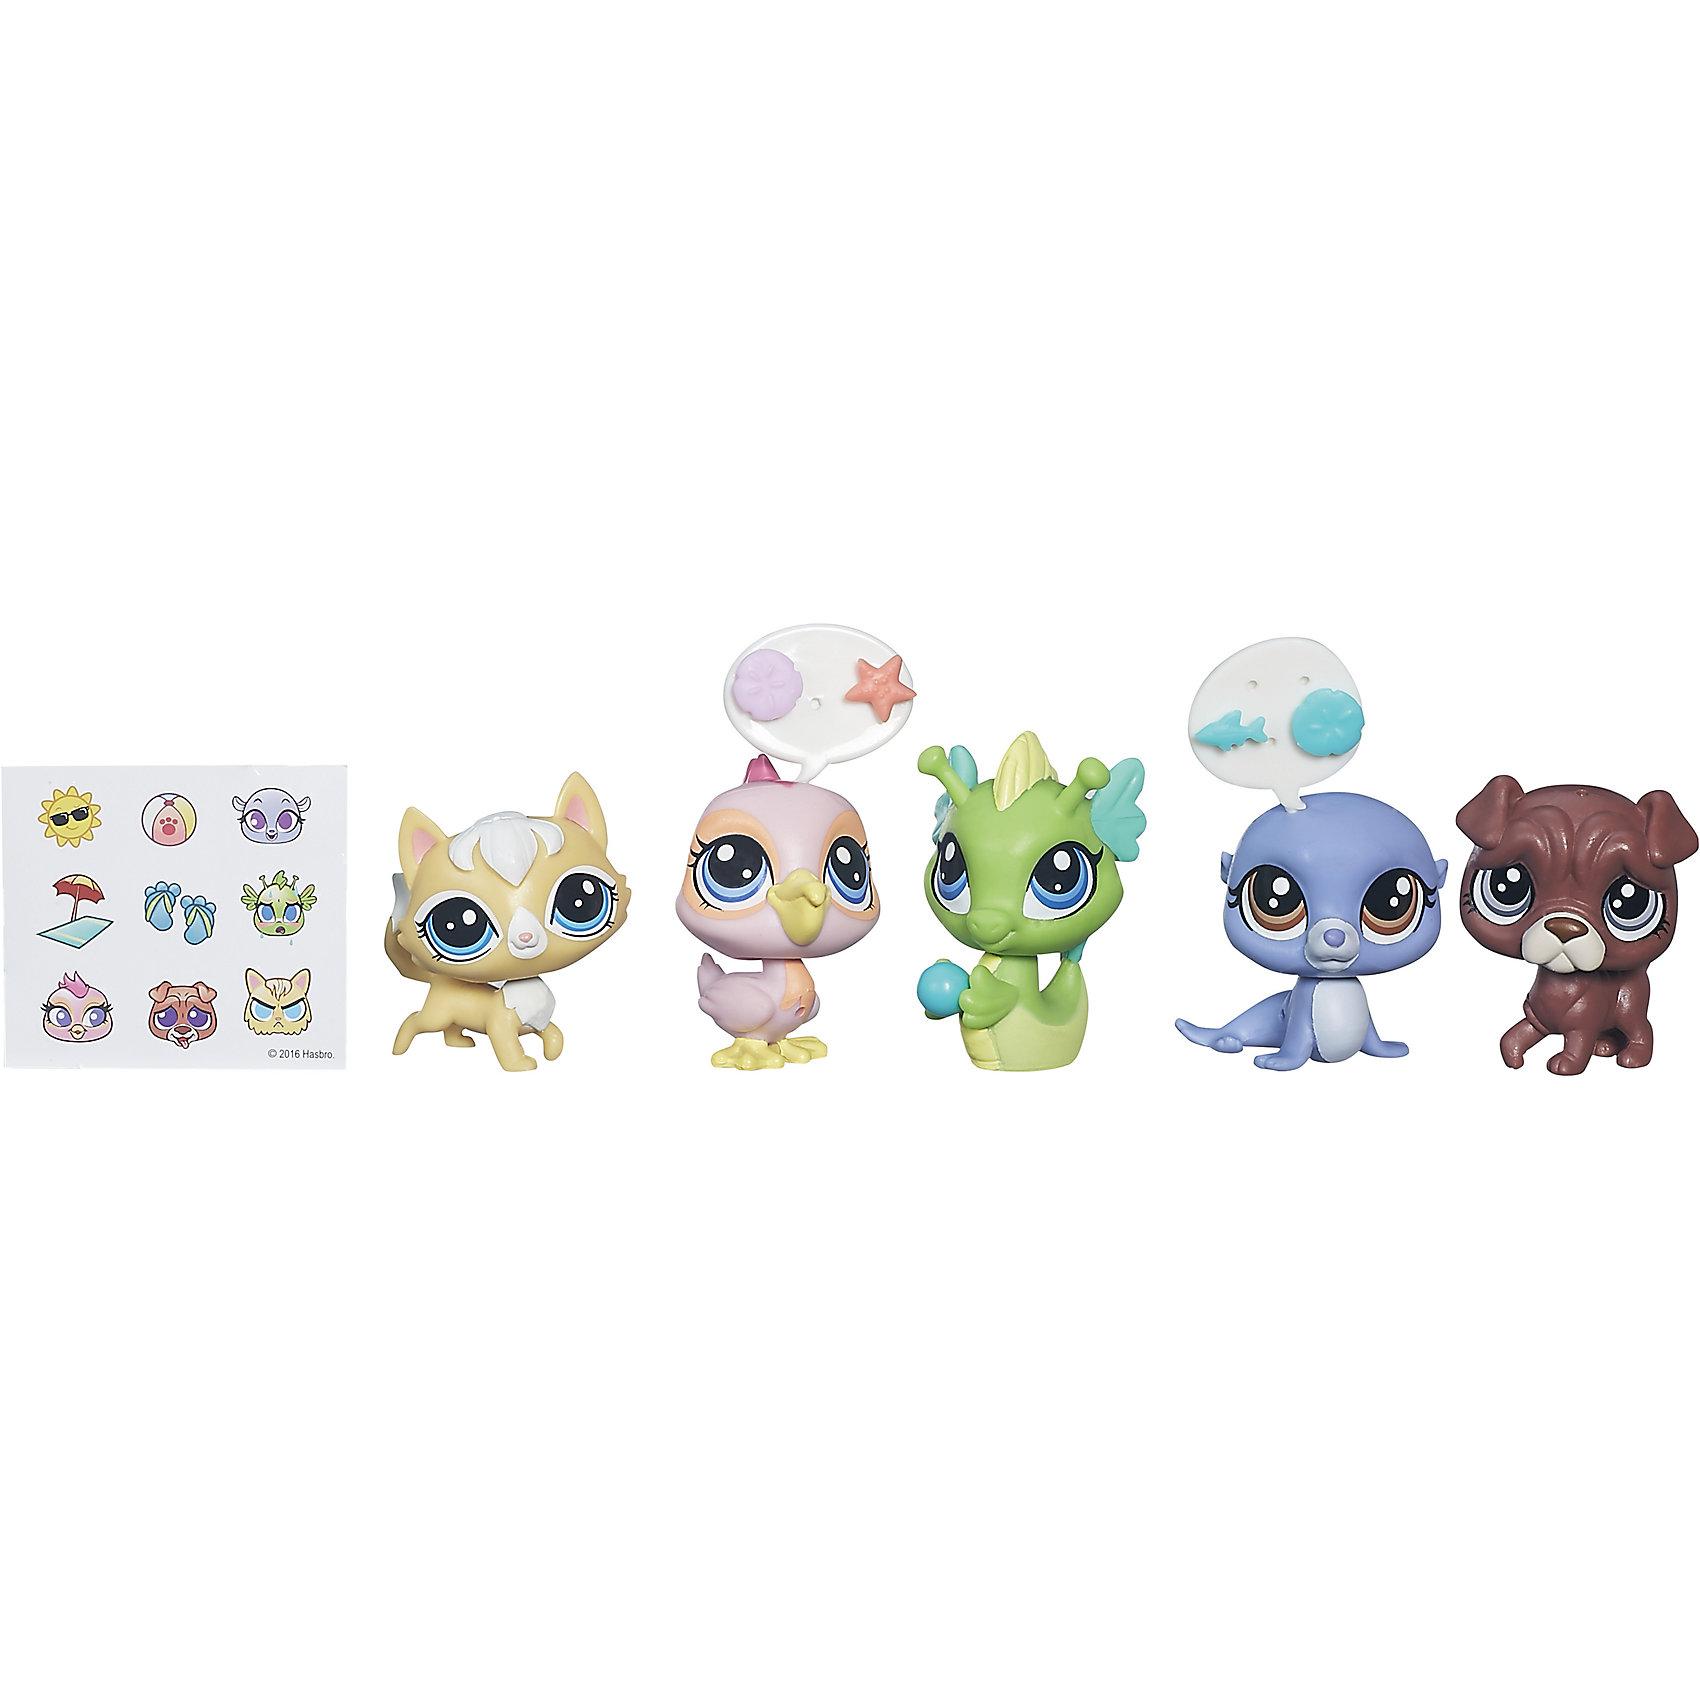 Hasbro Мульти-набор зверюшек, Littlest Pet Shop, B5004/B0282 игровые наборы littlest pet shop стильный зоомагазин